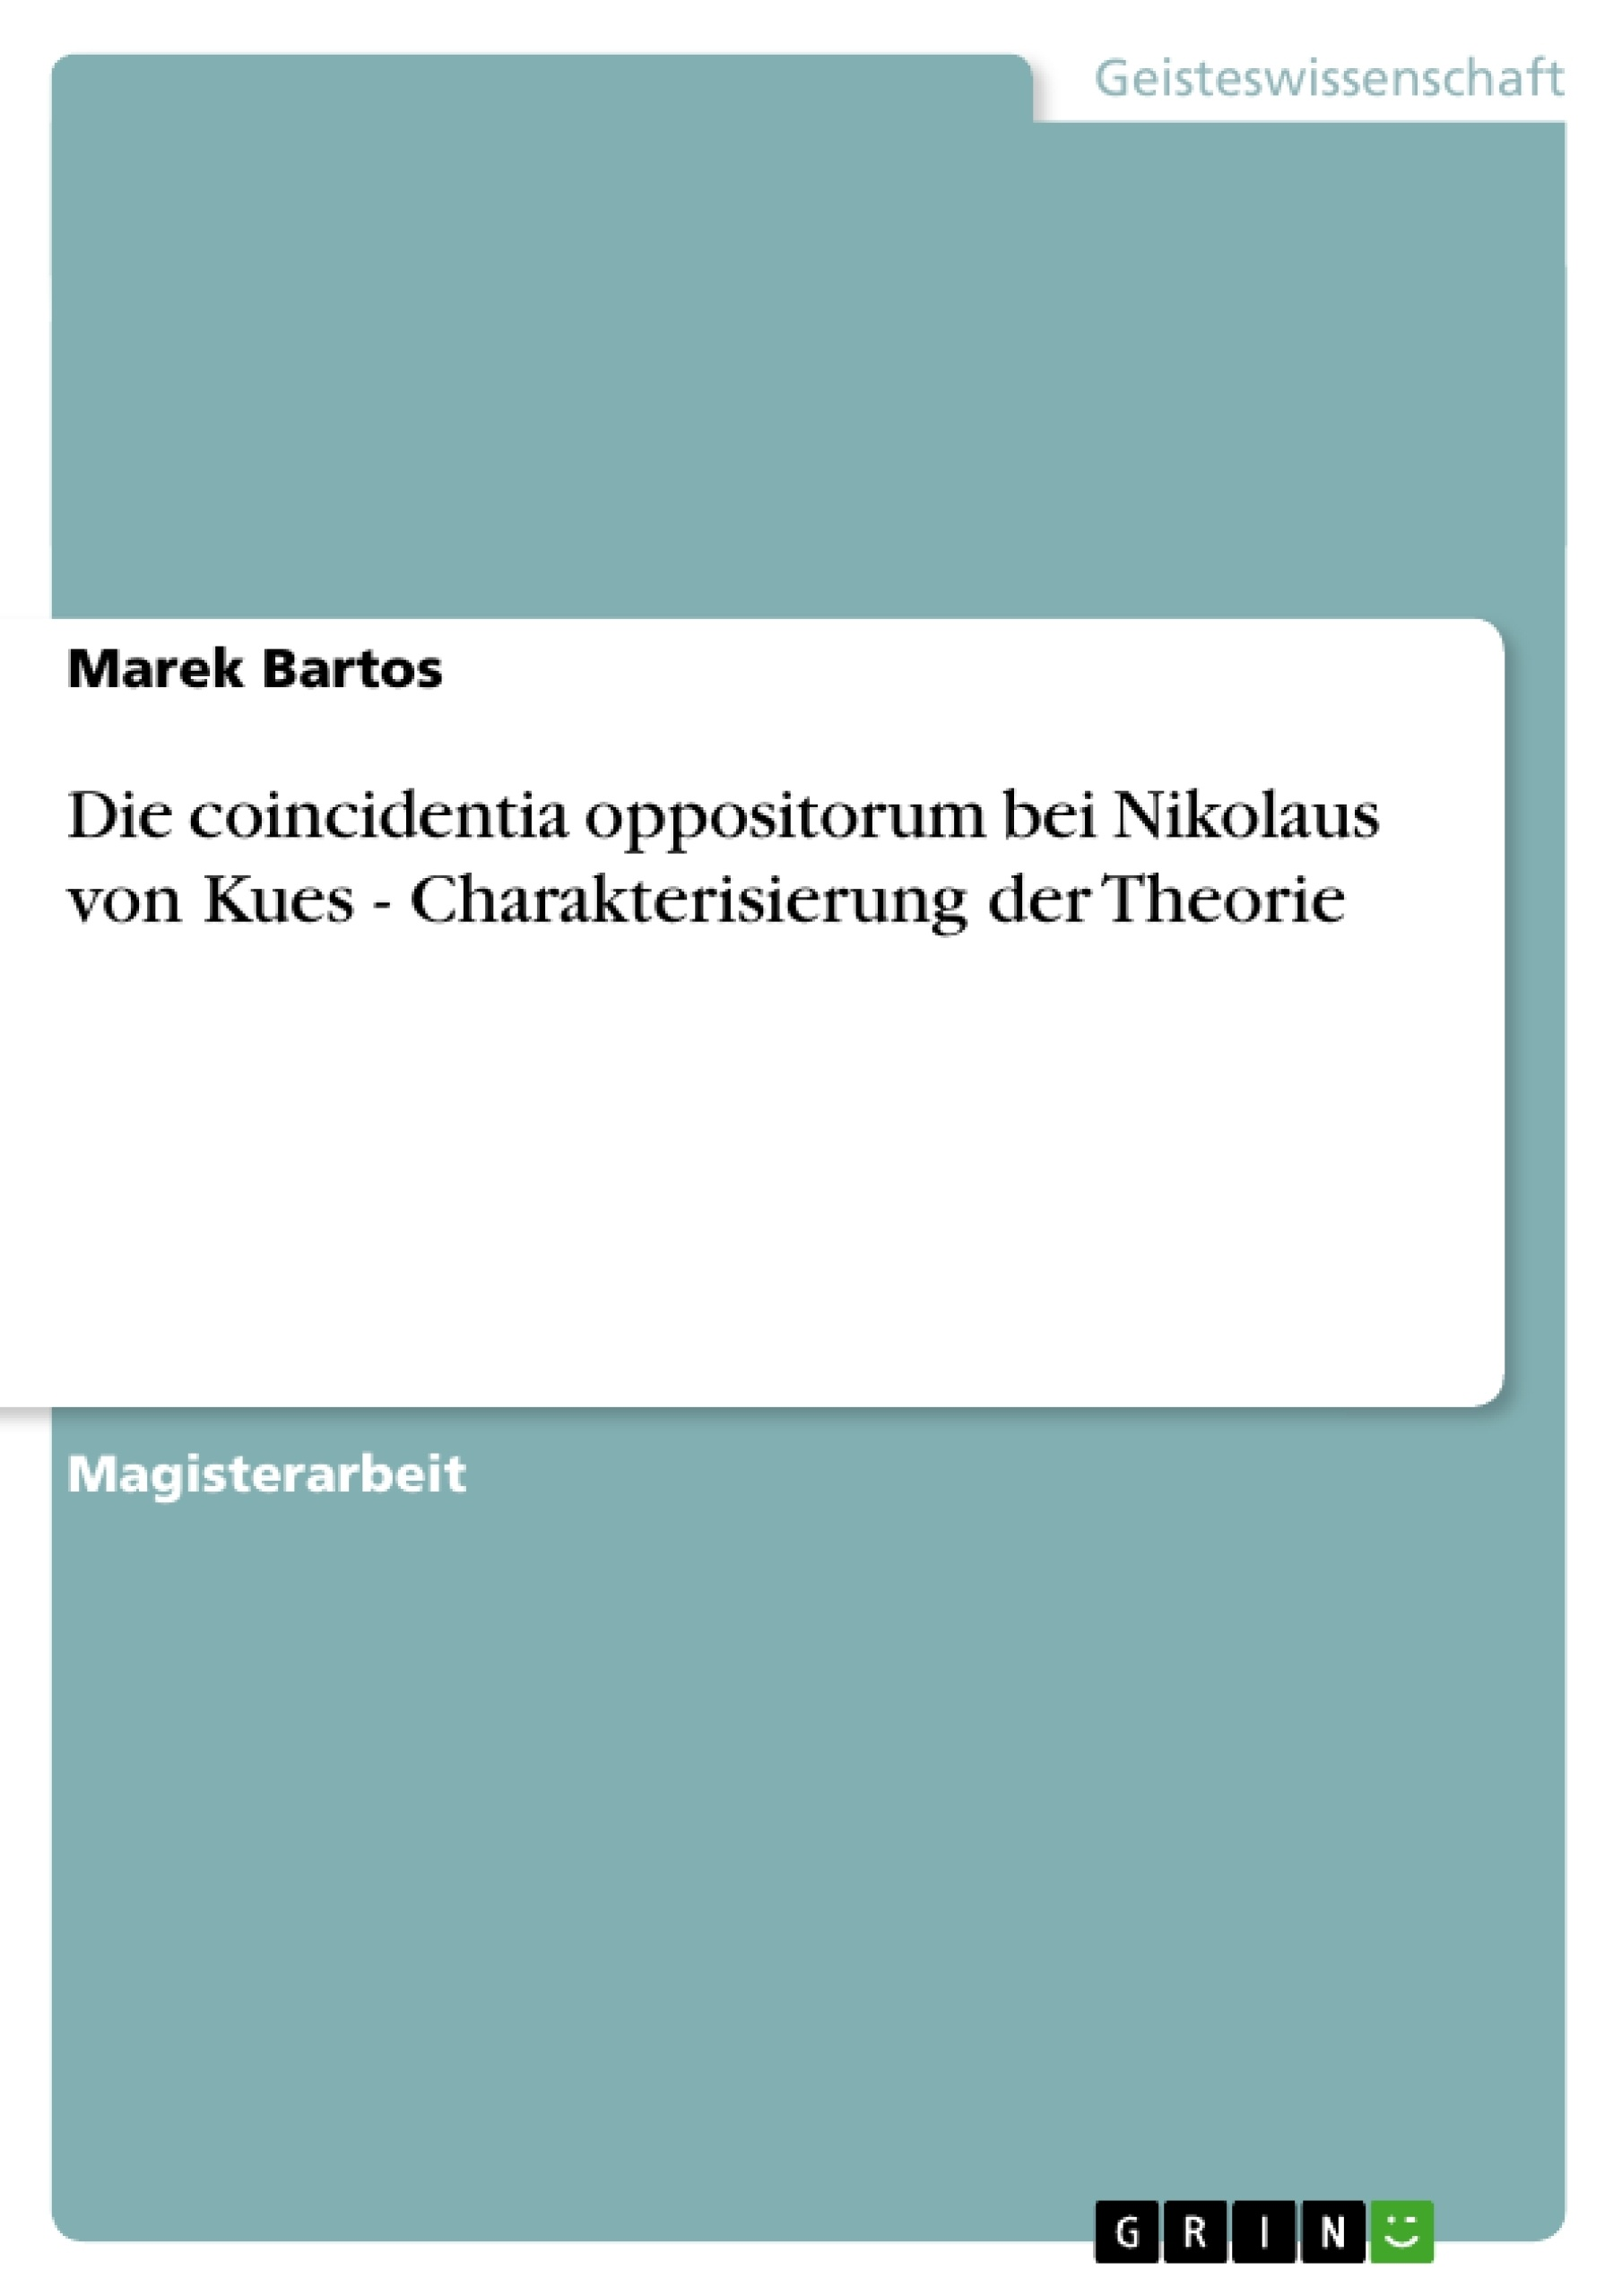 Titel: Die coincidentia oppositorum bei Nikolaus von Kues - Charakterisierung der Theorie